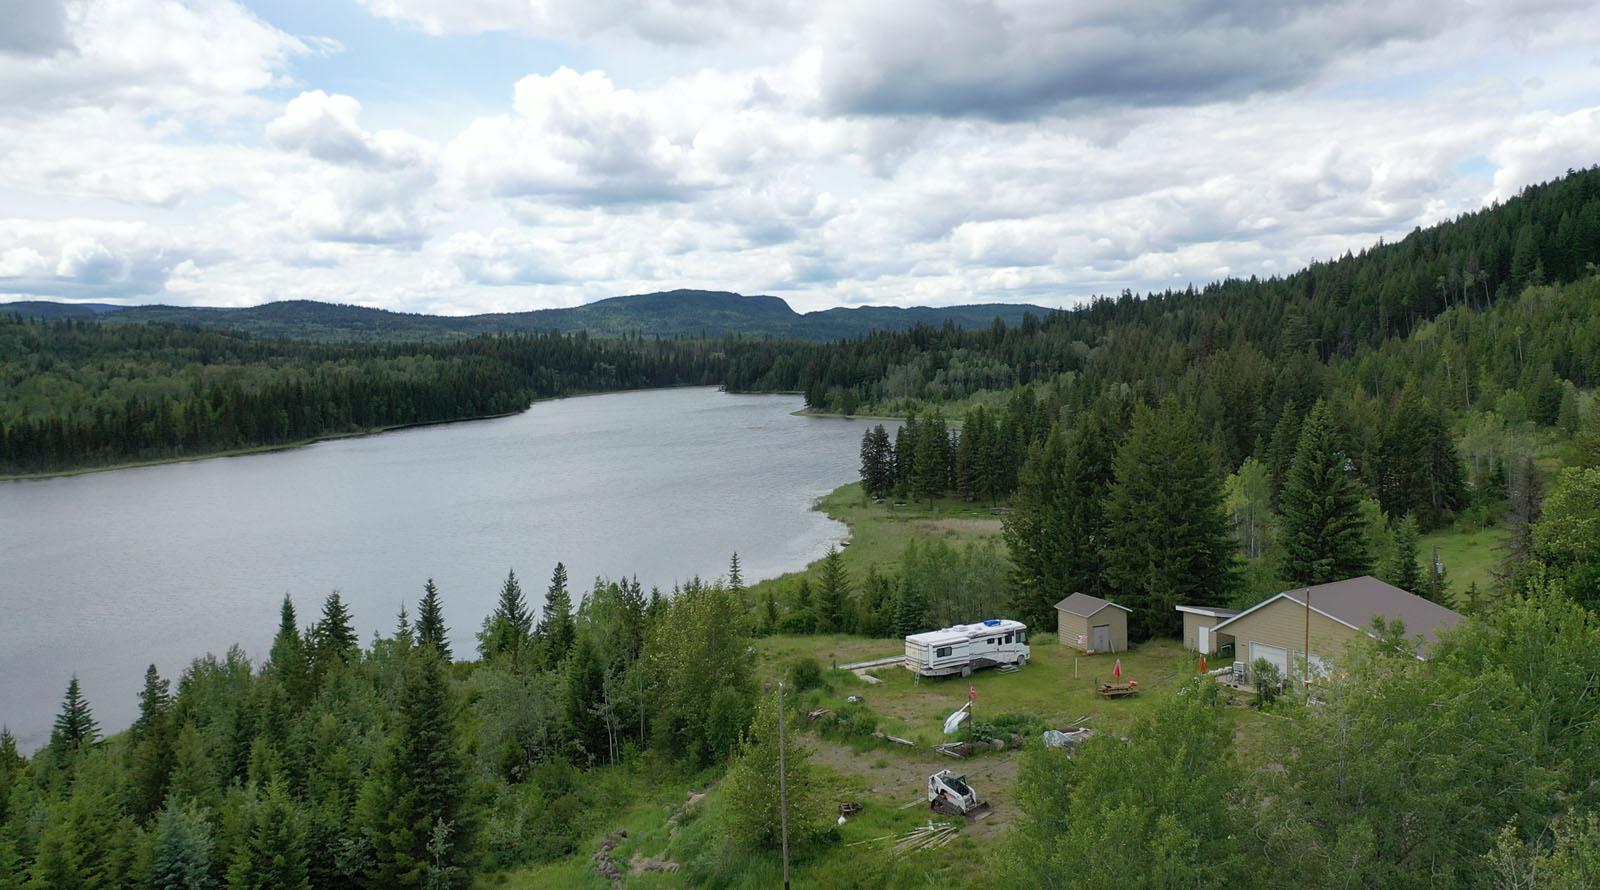 Roserim lake manhood falls 06